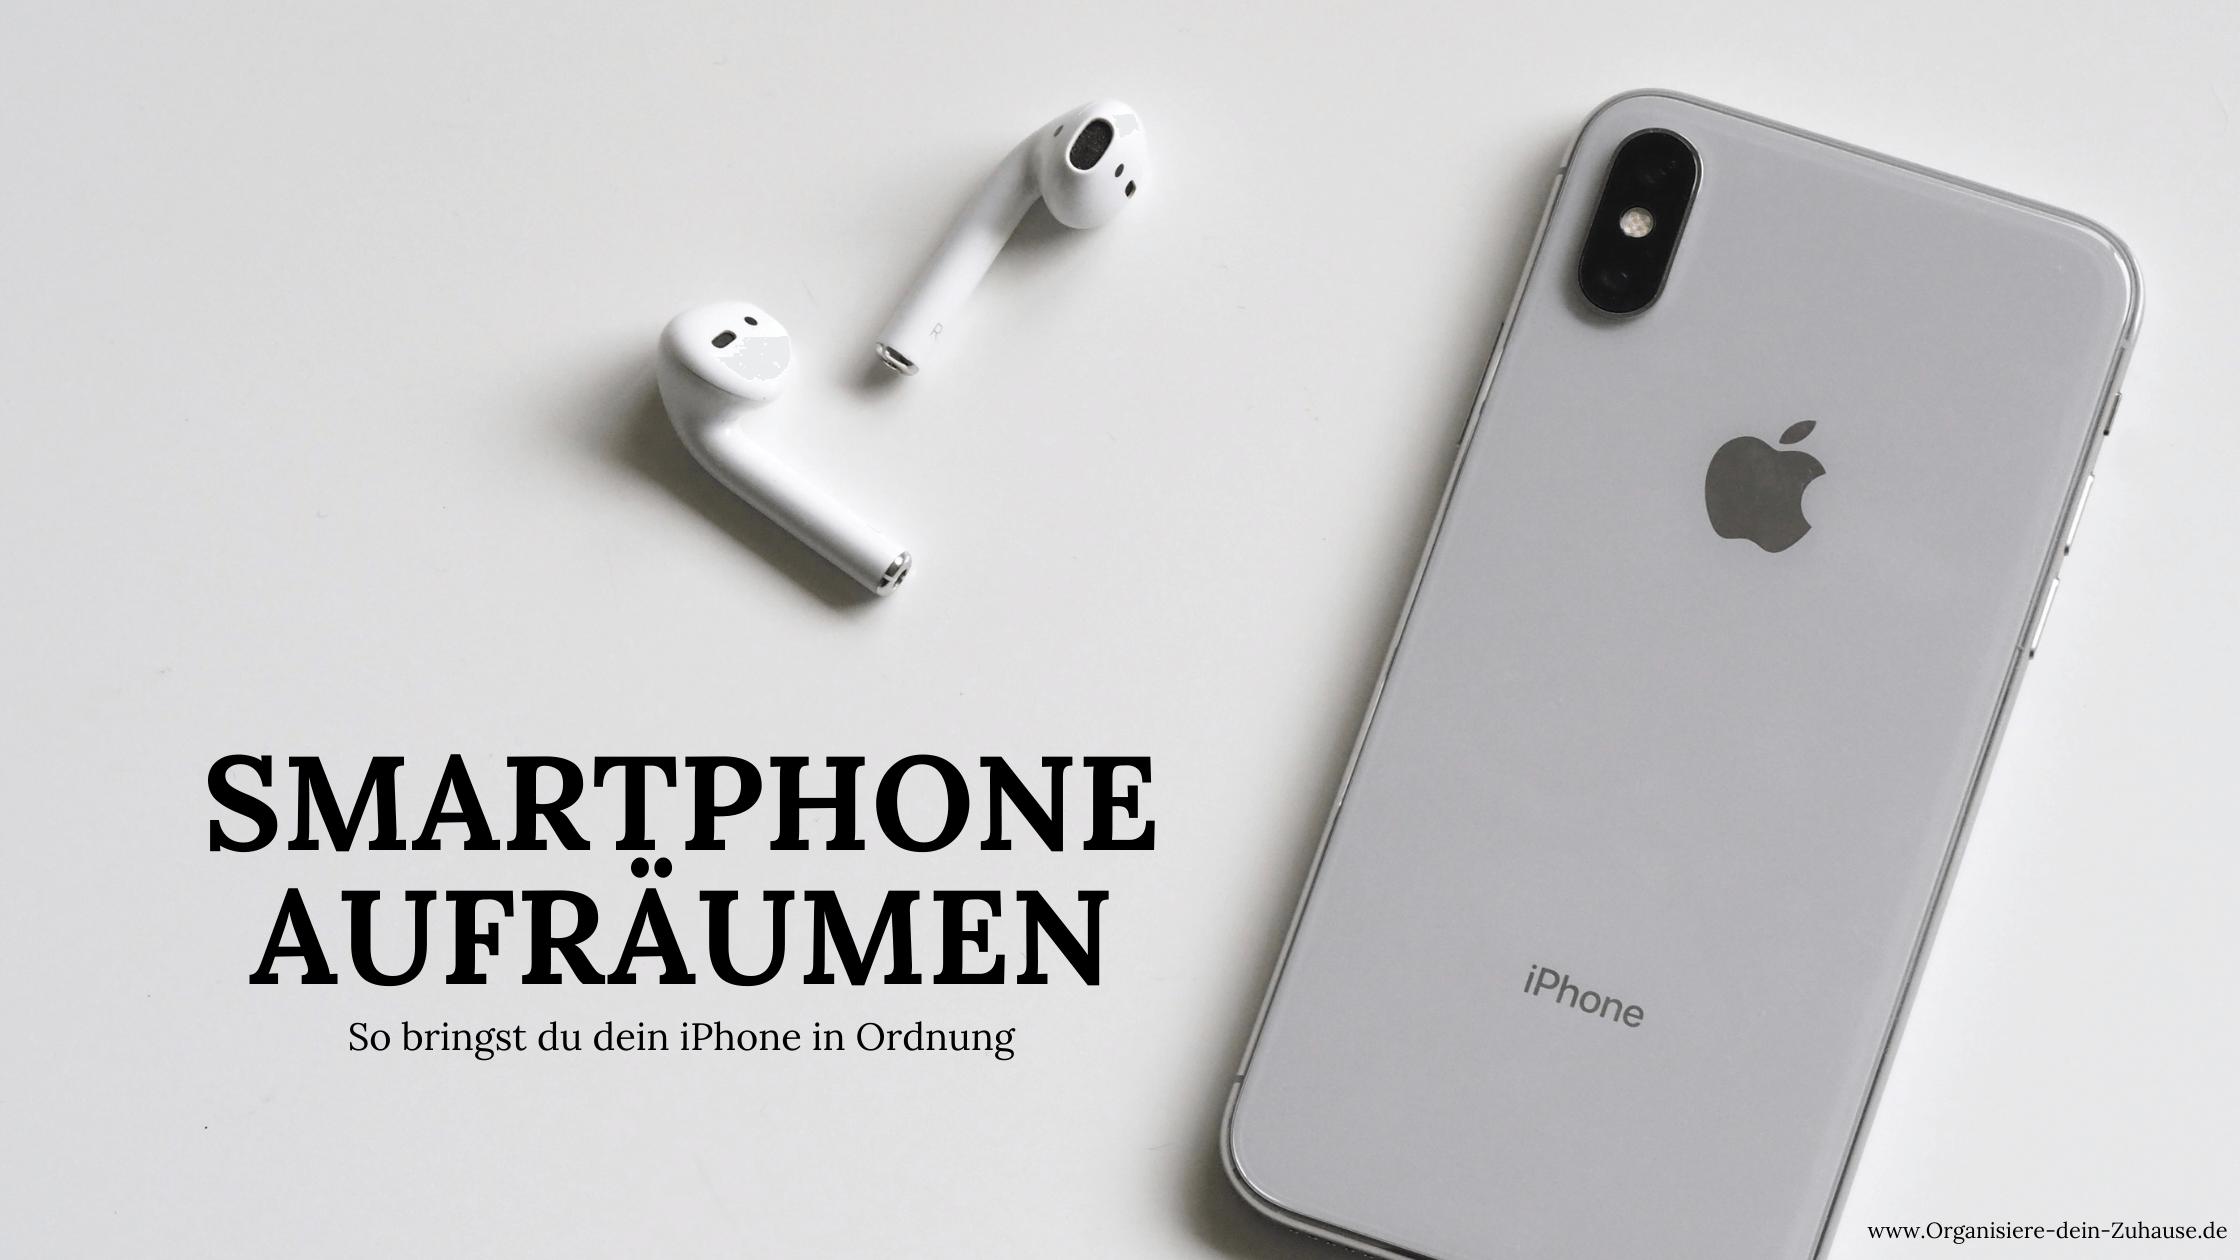 Smartphone aufräumen - So bringst du dein iPhone in Ordnung